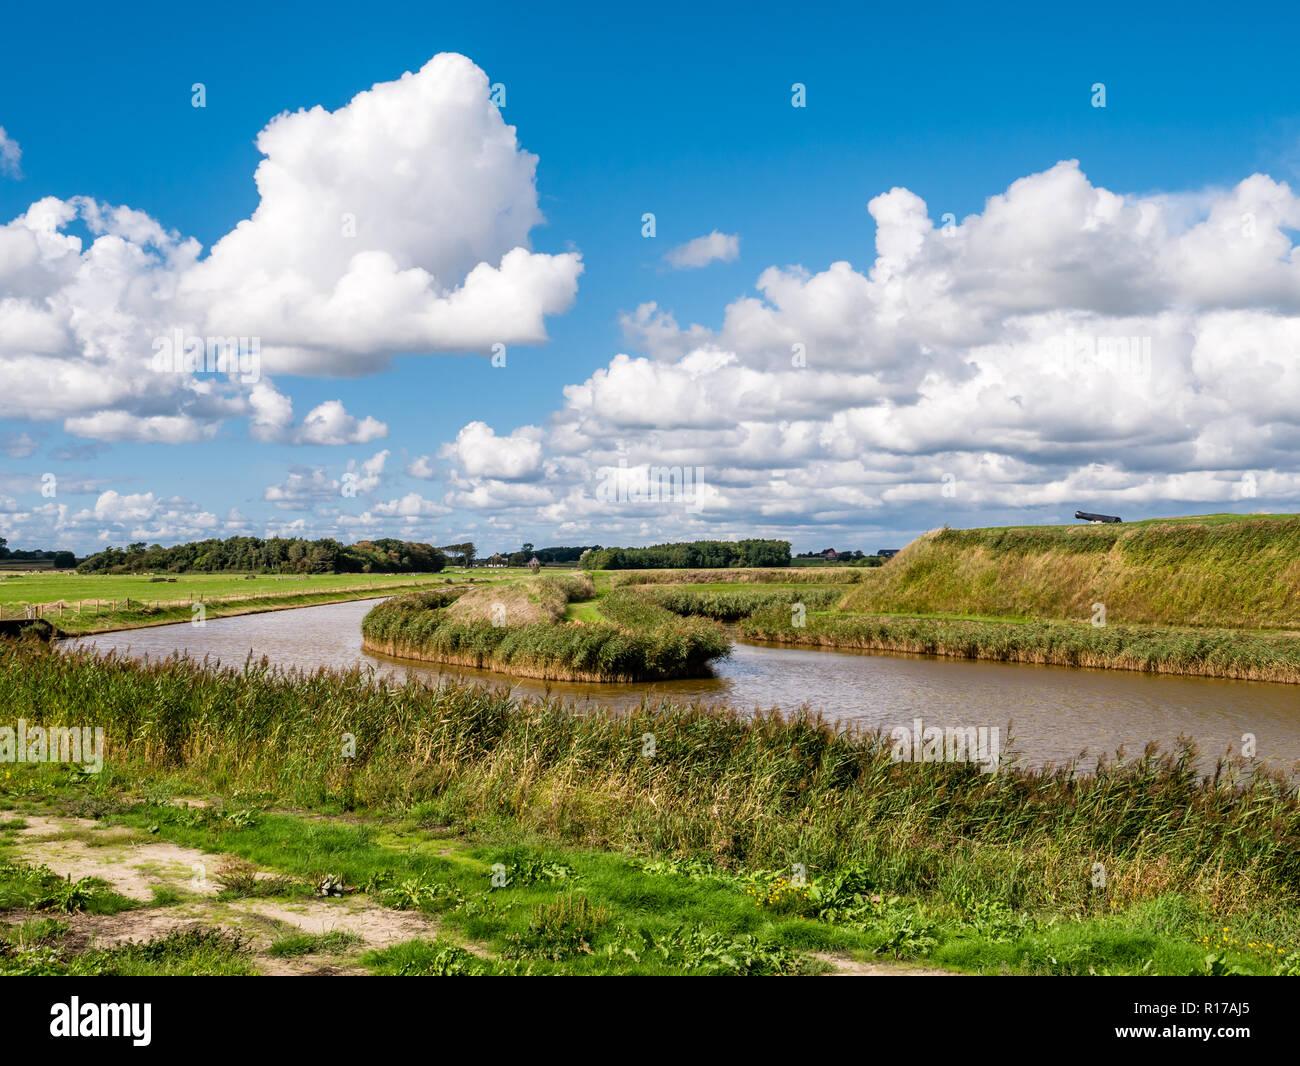 Fort de Schans and polder landscape on West Frisian island Texel, Noord-Holland, Netherlands - Stock Image